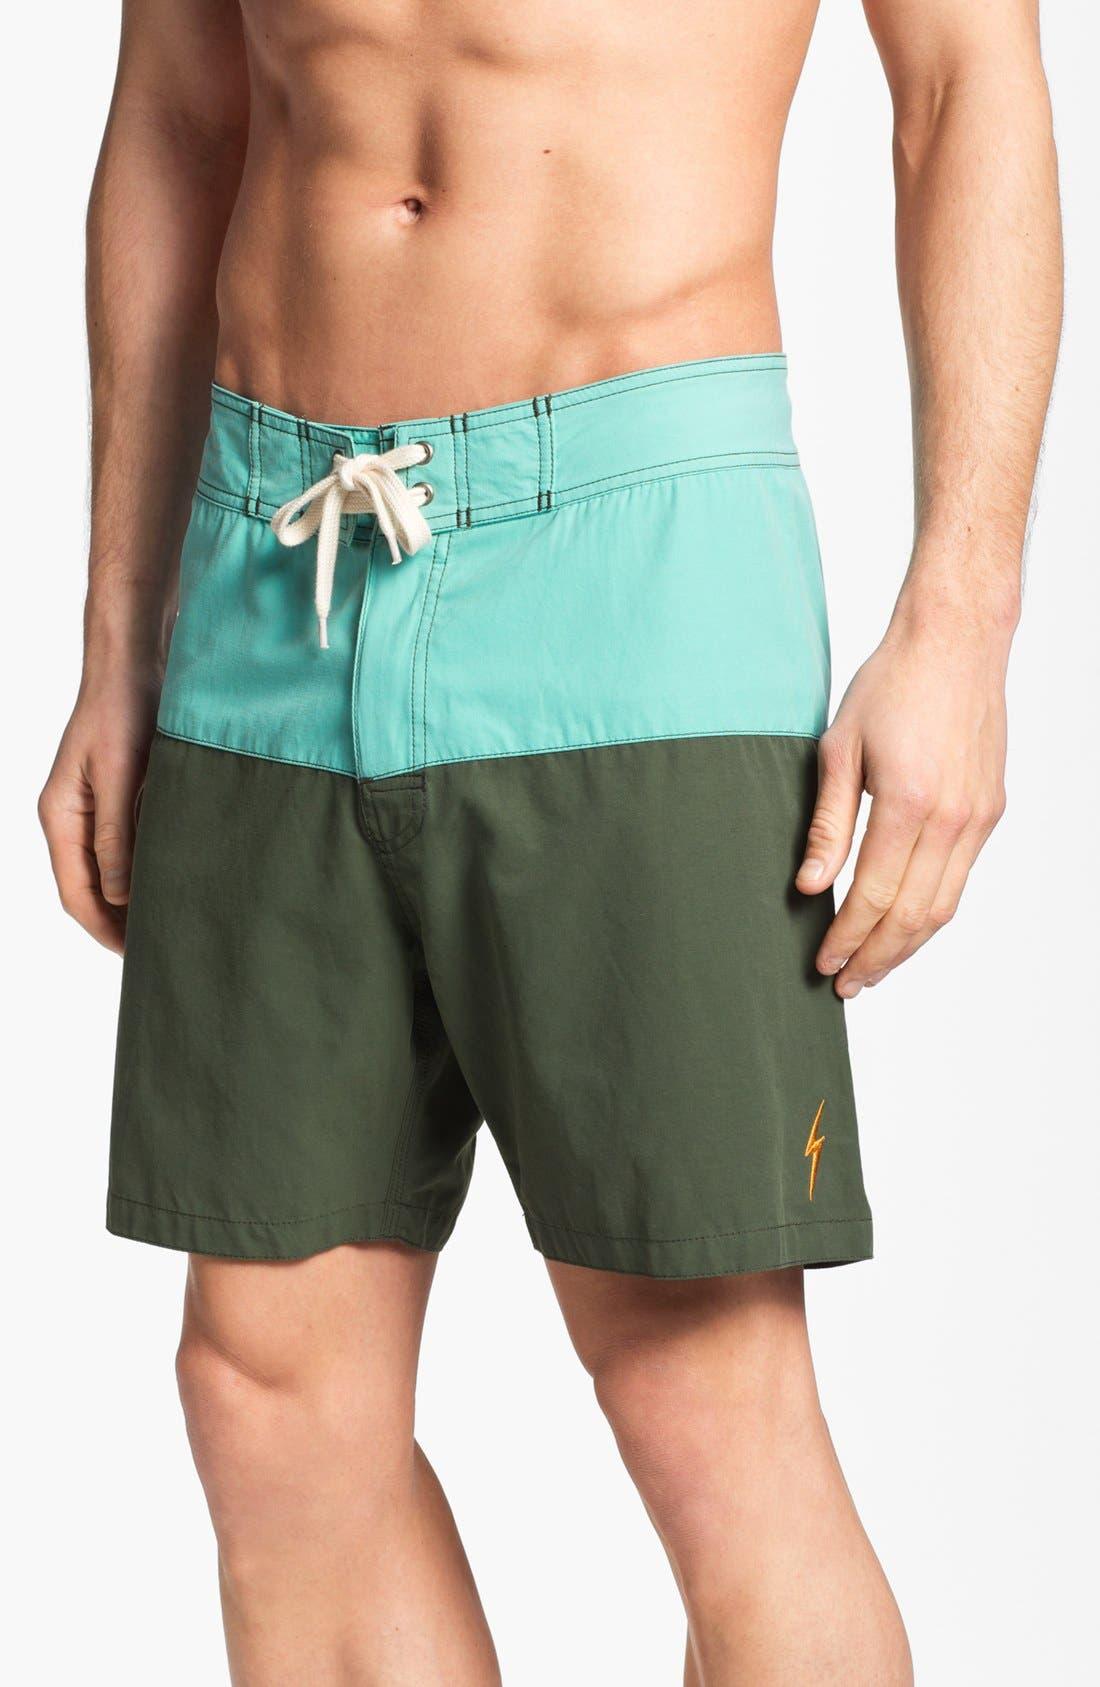 LIGHTNING BOLT 'Surfari' Board Shorts, Main, color, 440